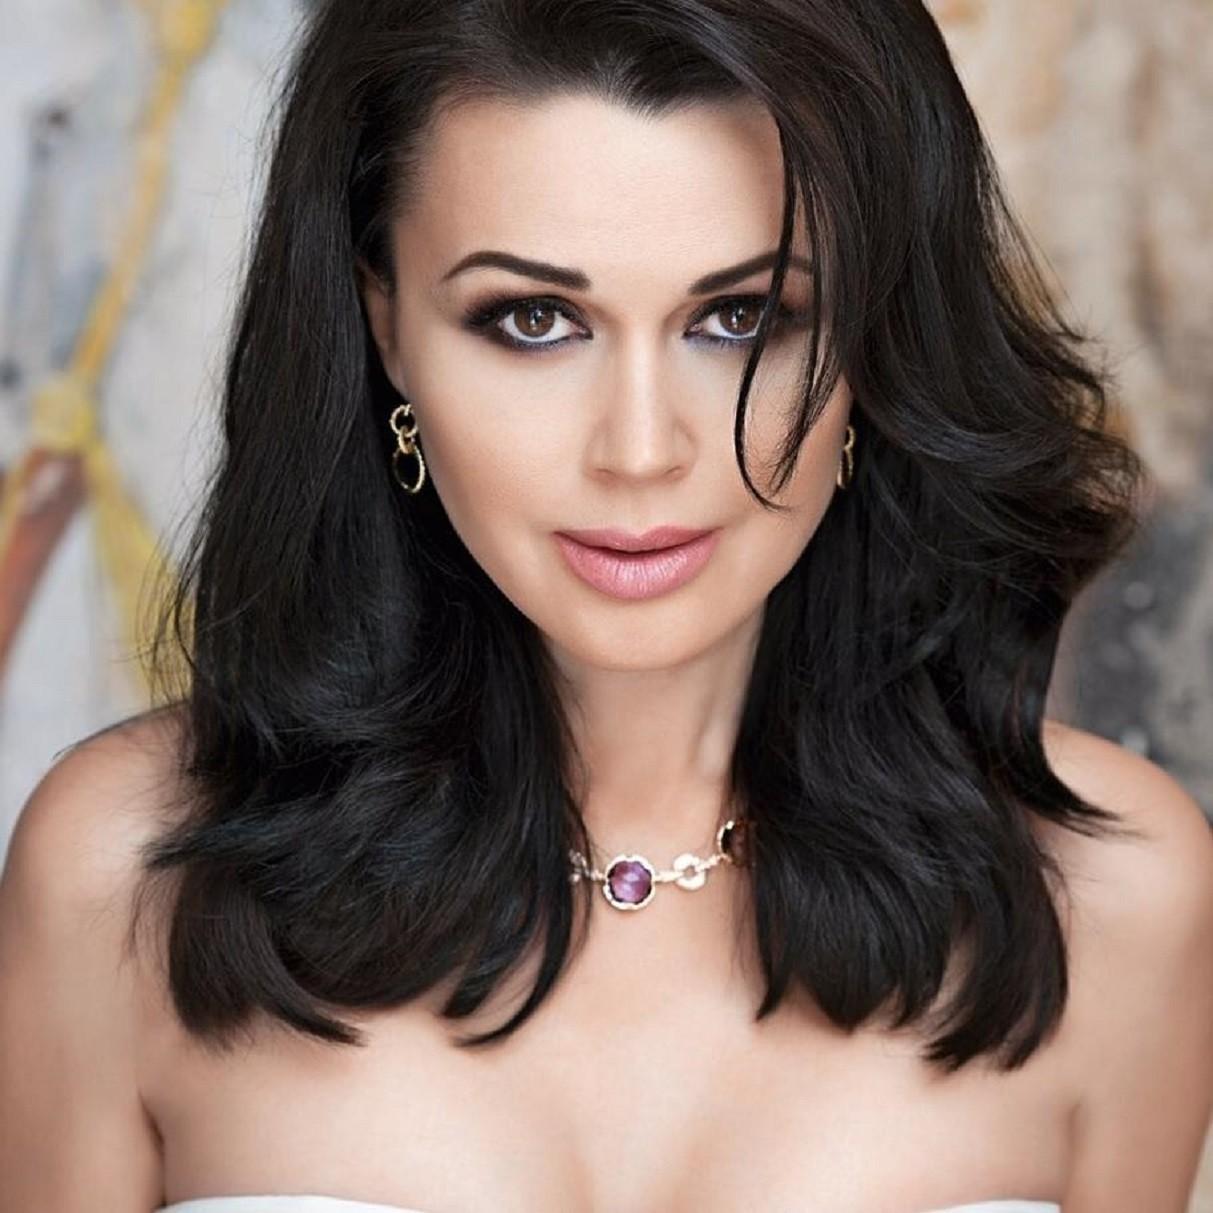 Анастасія Заворотнюк йде на поправку: останні новини про стан зірки